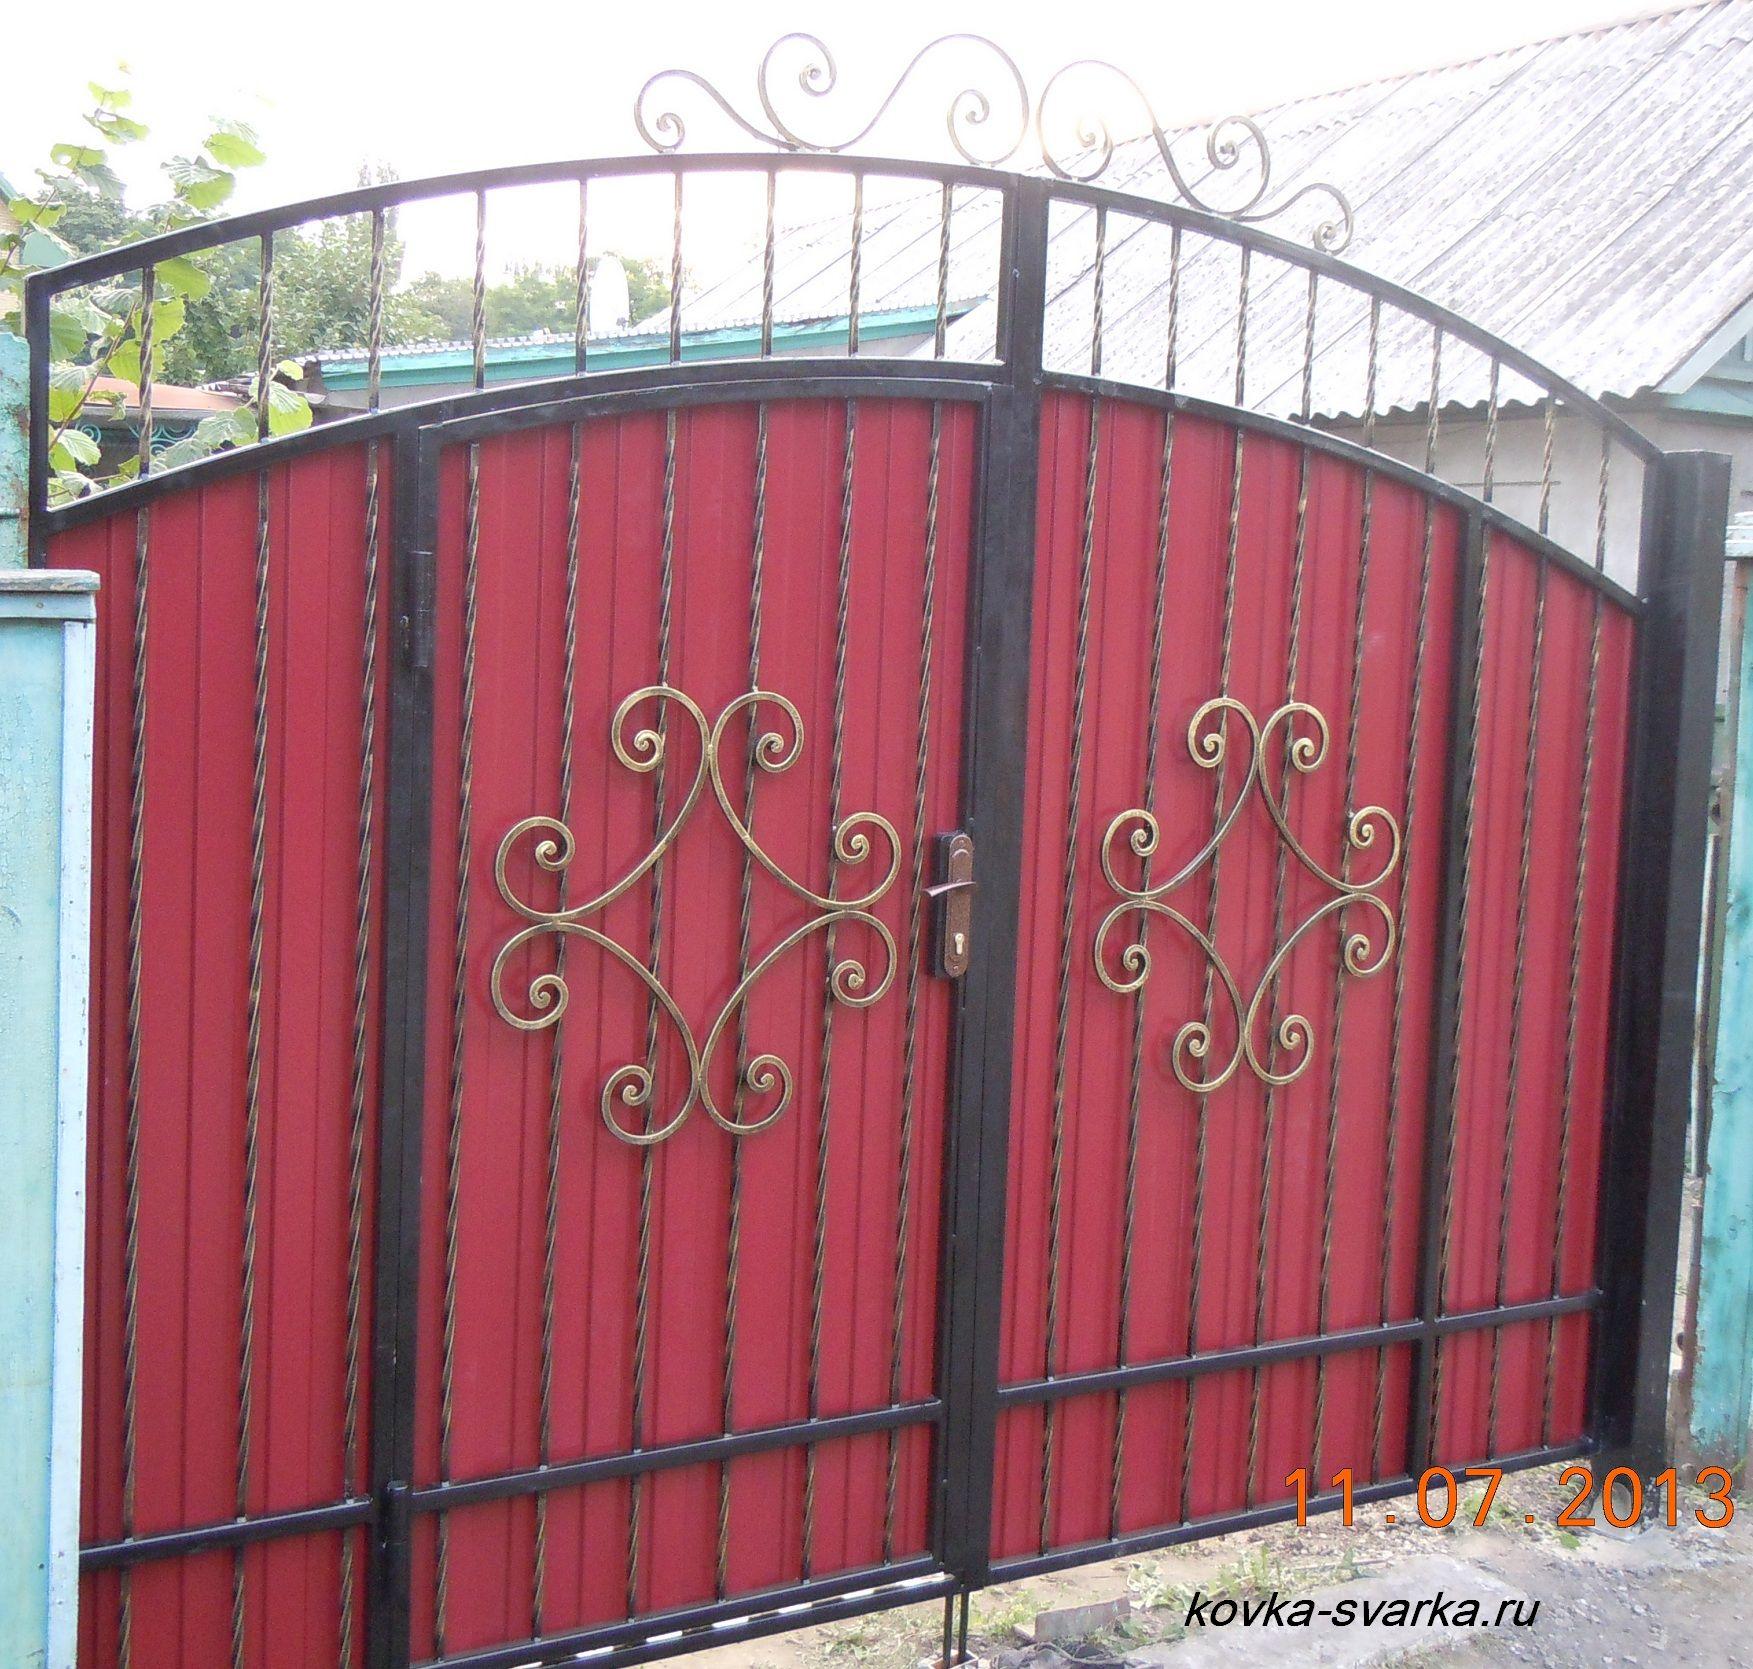 Ворота кованые из профнастила своими руками фото